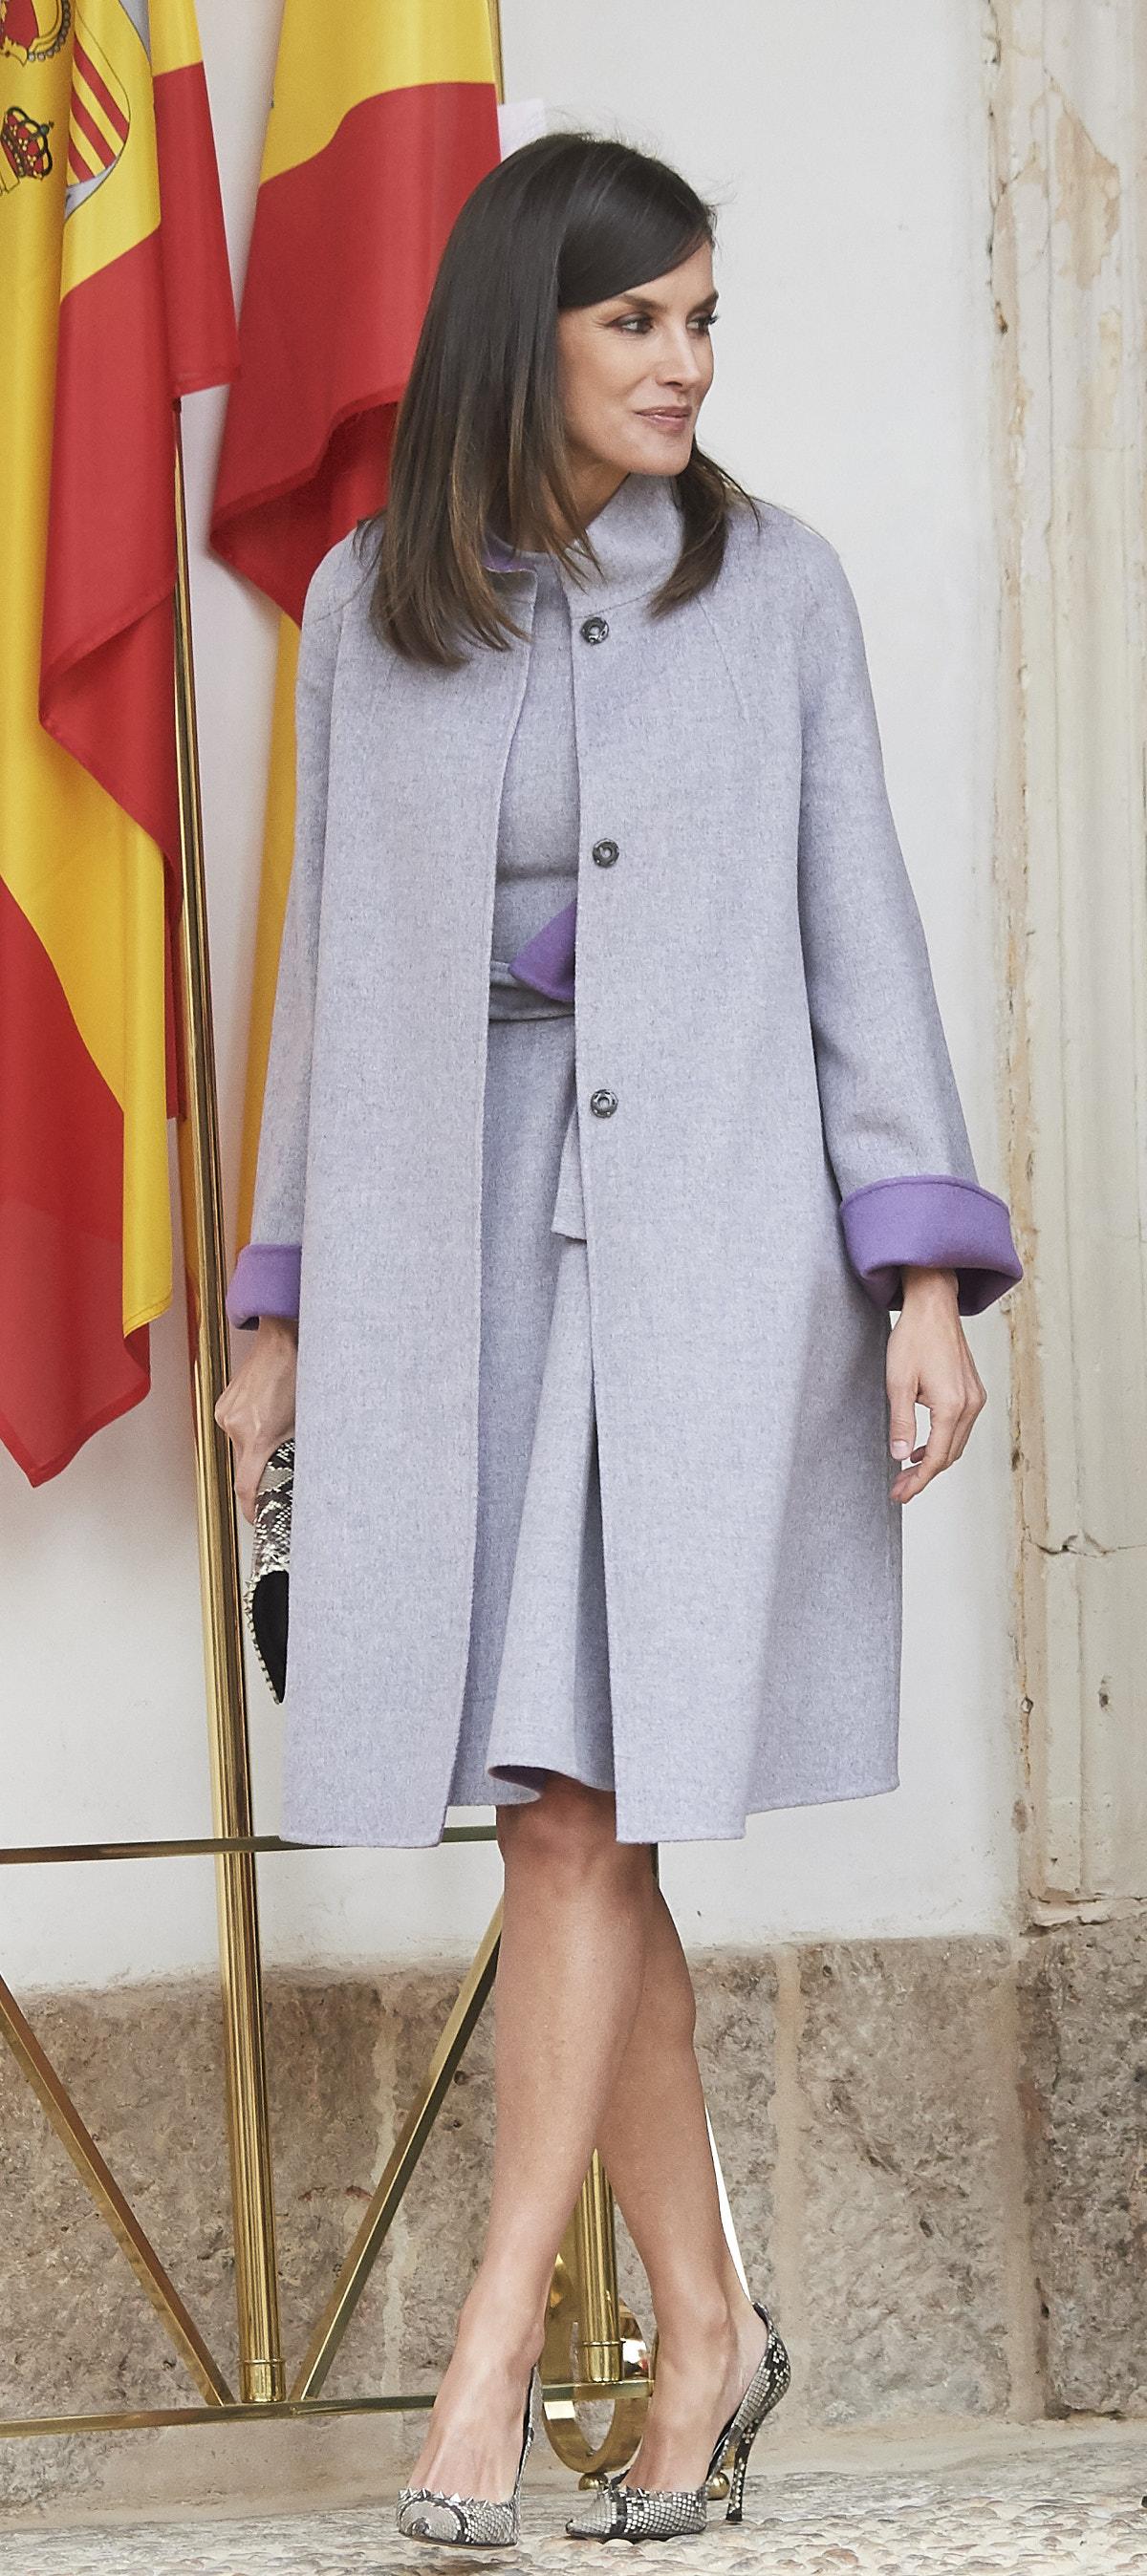 Λετίθια και Κέιτ Μίντλετον φόρεσαν σχεδόν το ίδιο ρούχο αλλά η βασίλισσα... έσκισε την δούκισσα (εικόνες)